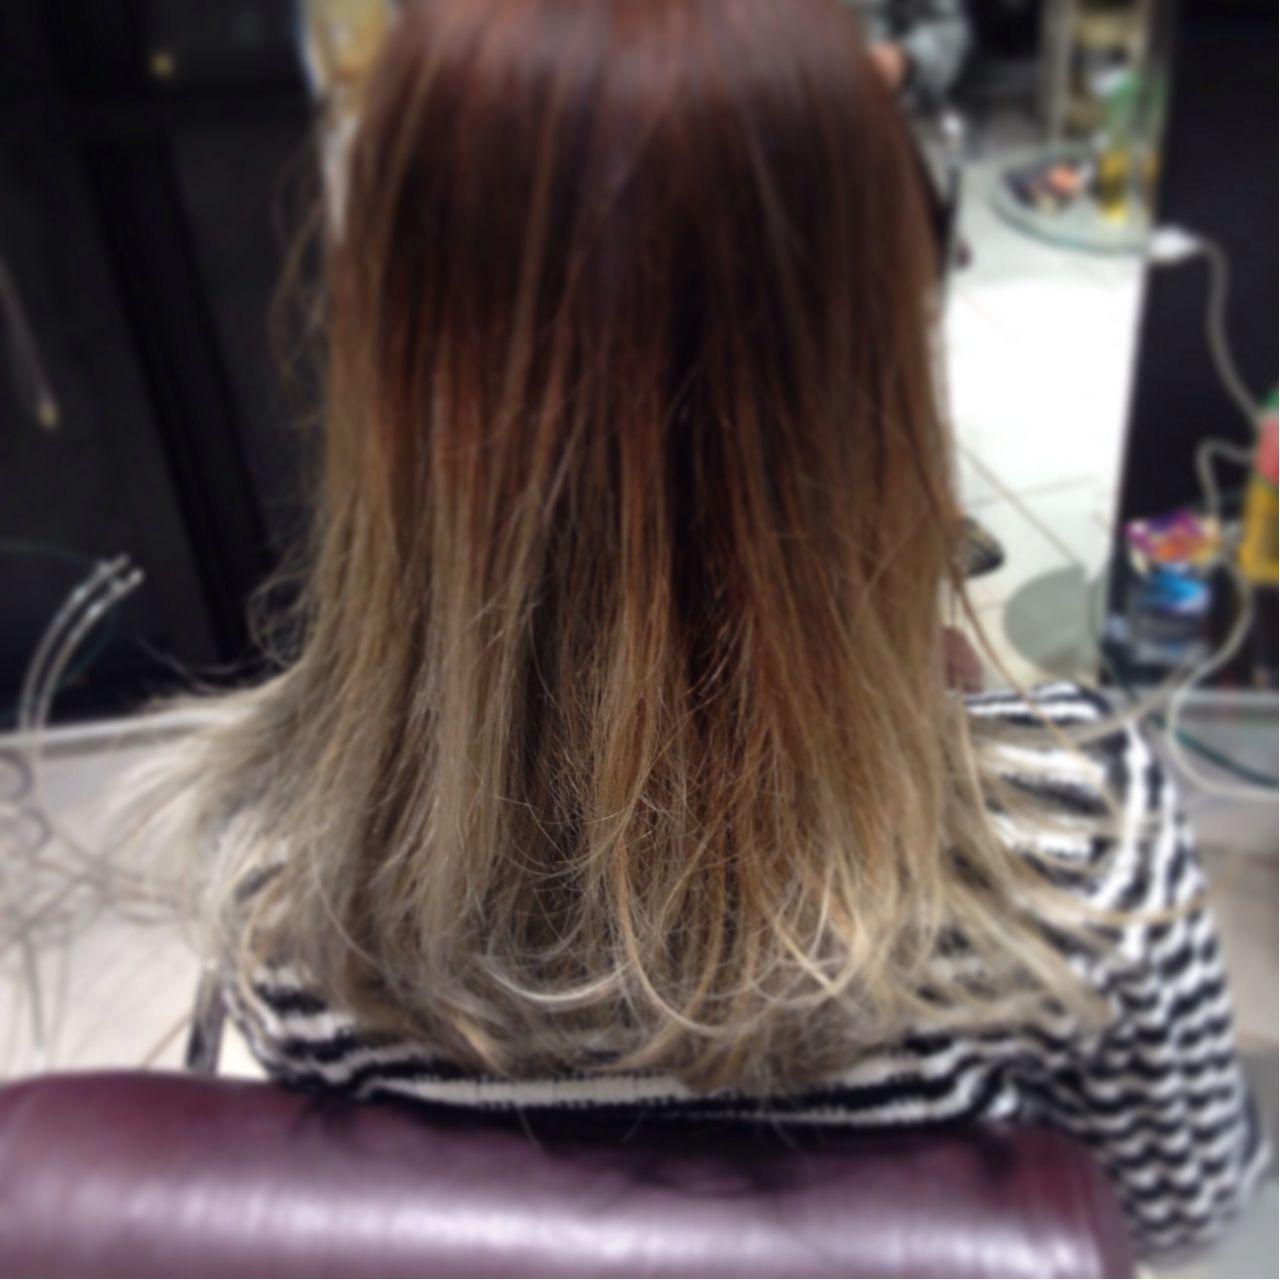 グラデーションカラー ストリート トレンド セミロング ヘアスタイルや髪型の写真・画像